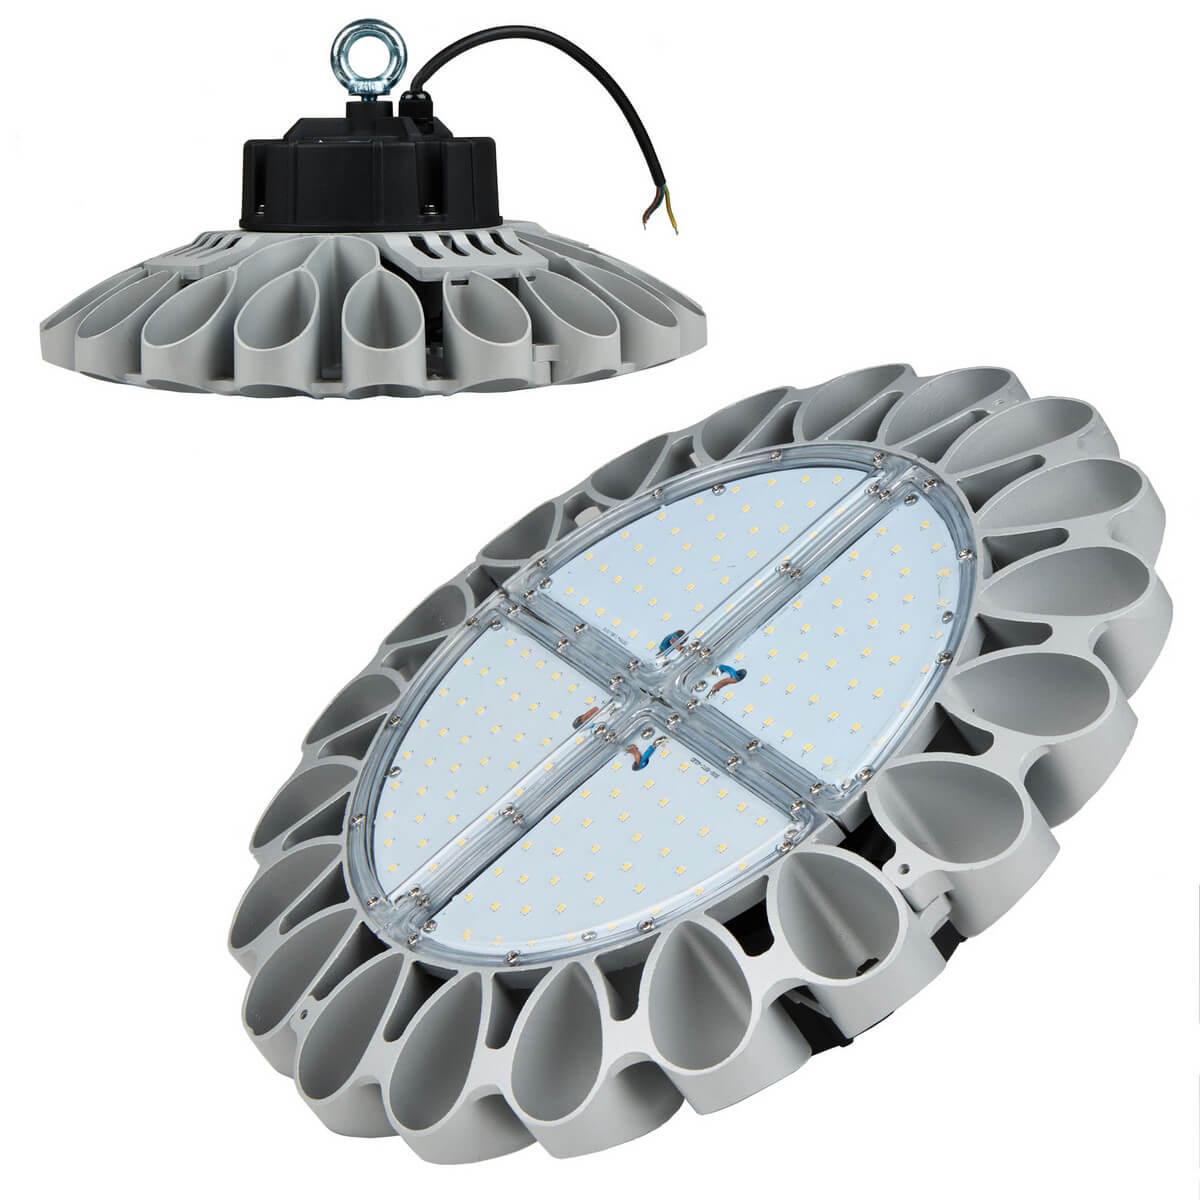 Подвесной светодиодный светильник (UL-00001707) Uniel ULY-U30B-160W/NW IP65 Silver подвесной светодиодный светильник ul 00002057 uniel uly u30b 100w dw ip65 silver